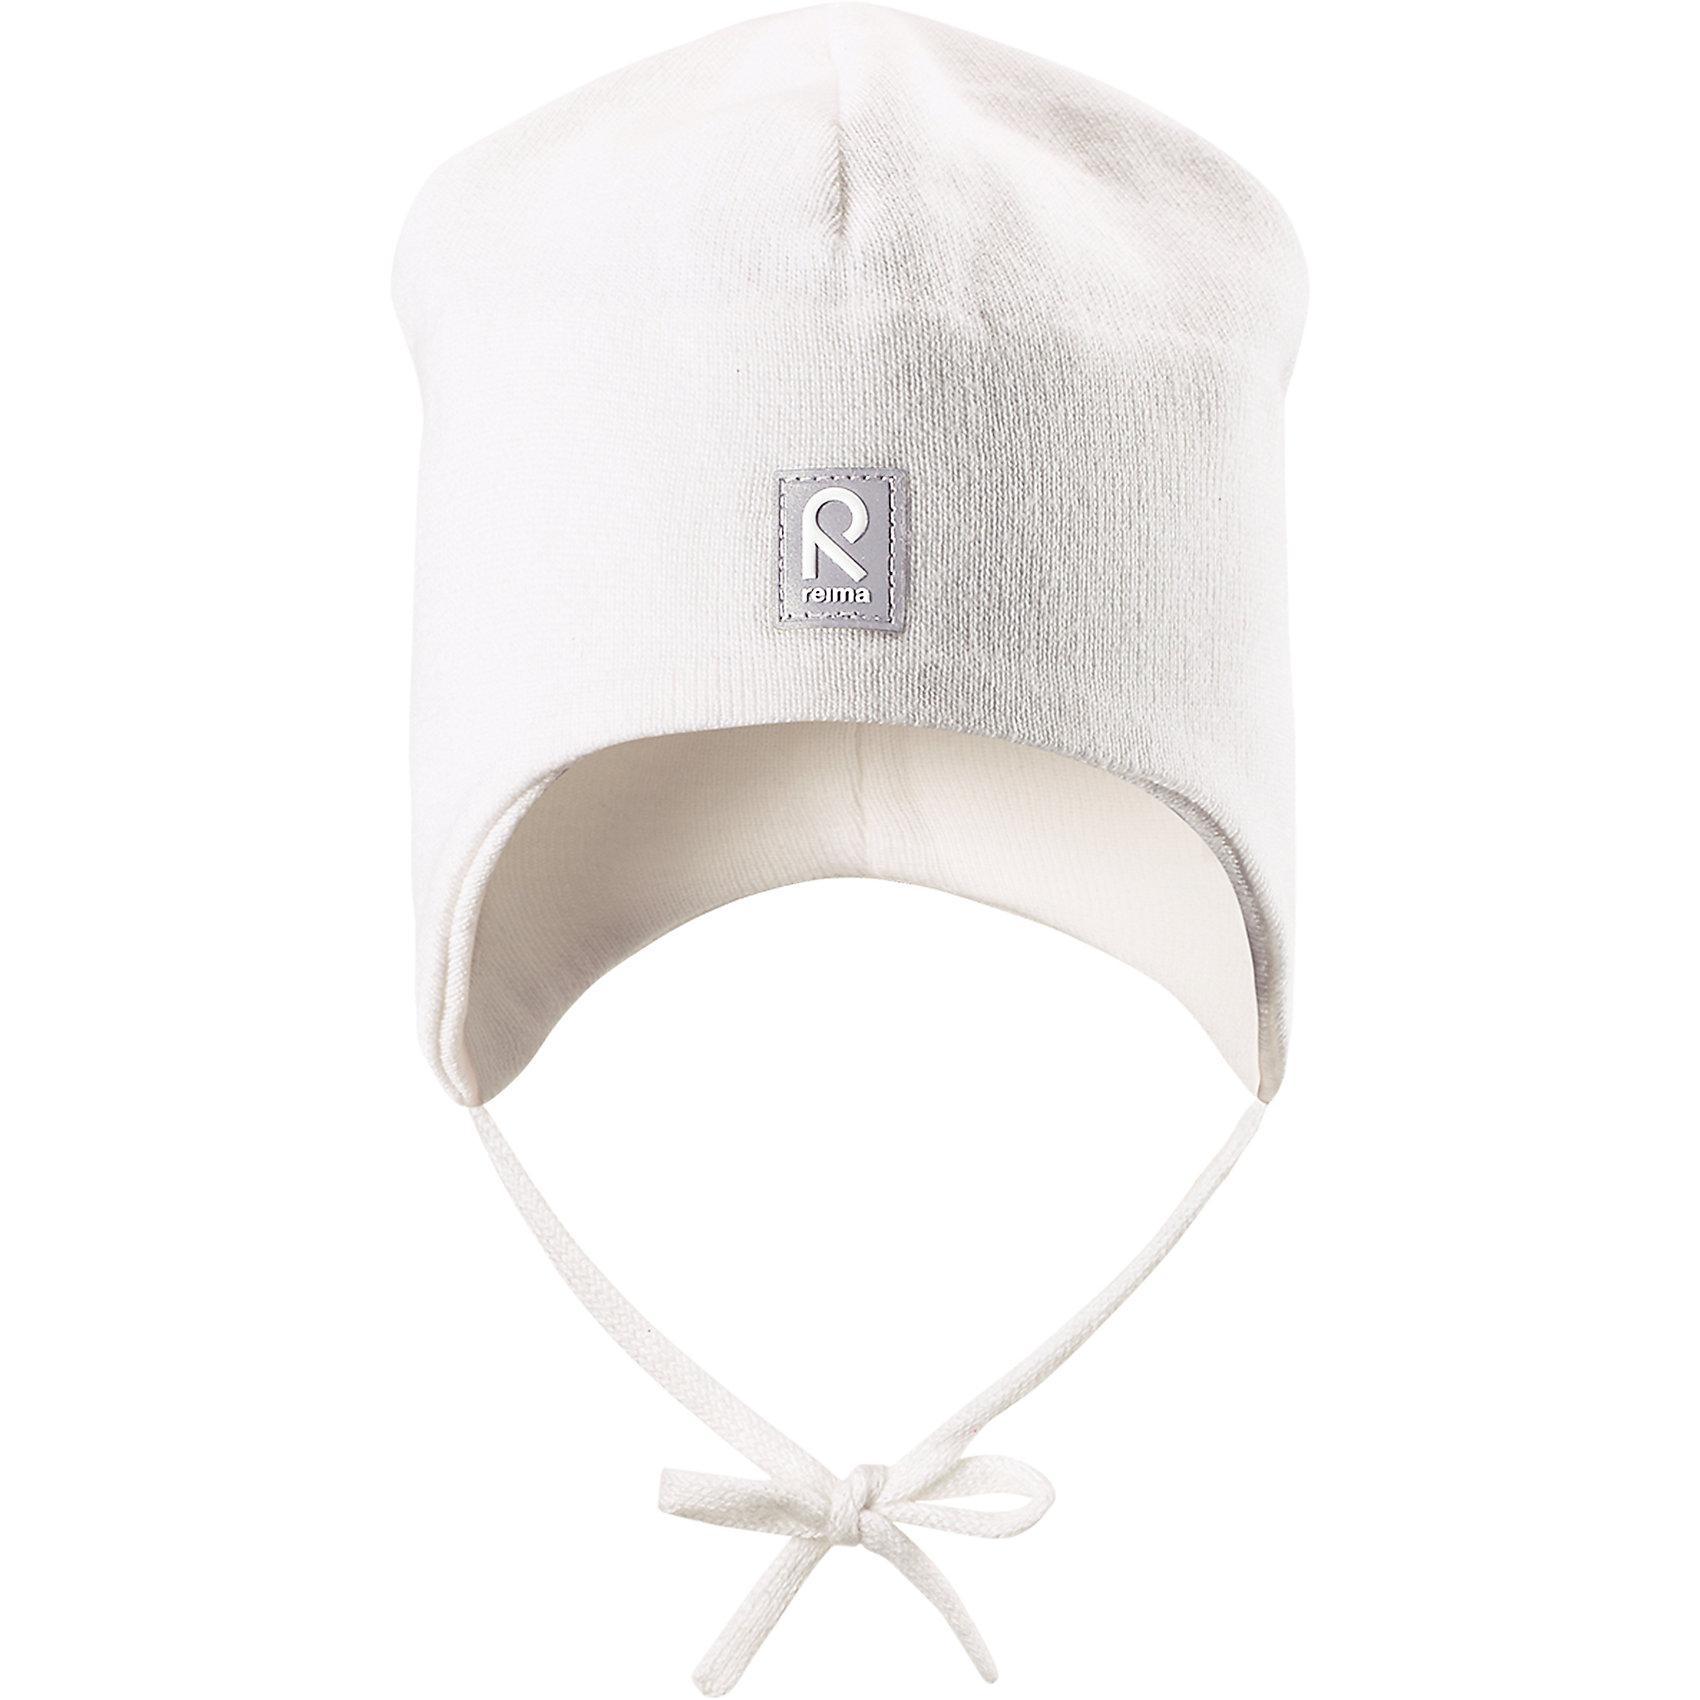 Шапка Aqueous ReimaШапки и шарфы<br>Характеристики товара:<br><br>• цвет: белый<br>• состав: 100% хлопок<br>• полуподкладка: хлопковый трикотаж<br>• температурный режим: от 0С до +10С<br>• эластичный хлопковый трикотаж<br>• инделие сертифицированно по стандарту Oeko-Tex на продукция класса 1 - одежда для новорождённых<br>• ветронепроницаемые вставки в области ушей<br>• завязки во всех размерах<br>• эмблема Reima спереди<br>• светоотражающие детали<br>• страна бренда: Финляндия<br>• страна производства: Китай<br><br>Детский головной убор может быть модным и удобным одновременно! Стильная шапка поможет обеспечить ребенку комфорт и дополнить наряд. Шапка удобно сидит и аккуратно выглядит. Проста в уходе, долго служит. Стильный дизайн разрабатывался специально для детей. Отличная защита от дождя и ветра!<br><br>Уход:<br><br>• стирать по отдельности, вывернув наизнанку<br>• придать первоначальную форму вo влажном виде<br>• возможна усадка 5 %.<br><br>Шапку от финского бренда Reima (Рейма) можно купить в нашем интернет-магазине.<br><br>Ширина мм: 89<br>Глубина мм: 117<br>Высота мм: 44<br>Вес г: 155<br>Цвет: белый<br>Возраст от месяцев: 24<br>Возраст до месяцев: 60<br>Пол: Унисекс<br>Возраст: Детский<br>Размер: 52,48,46,50<br>SKU: 5271115